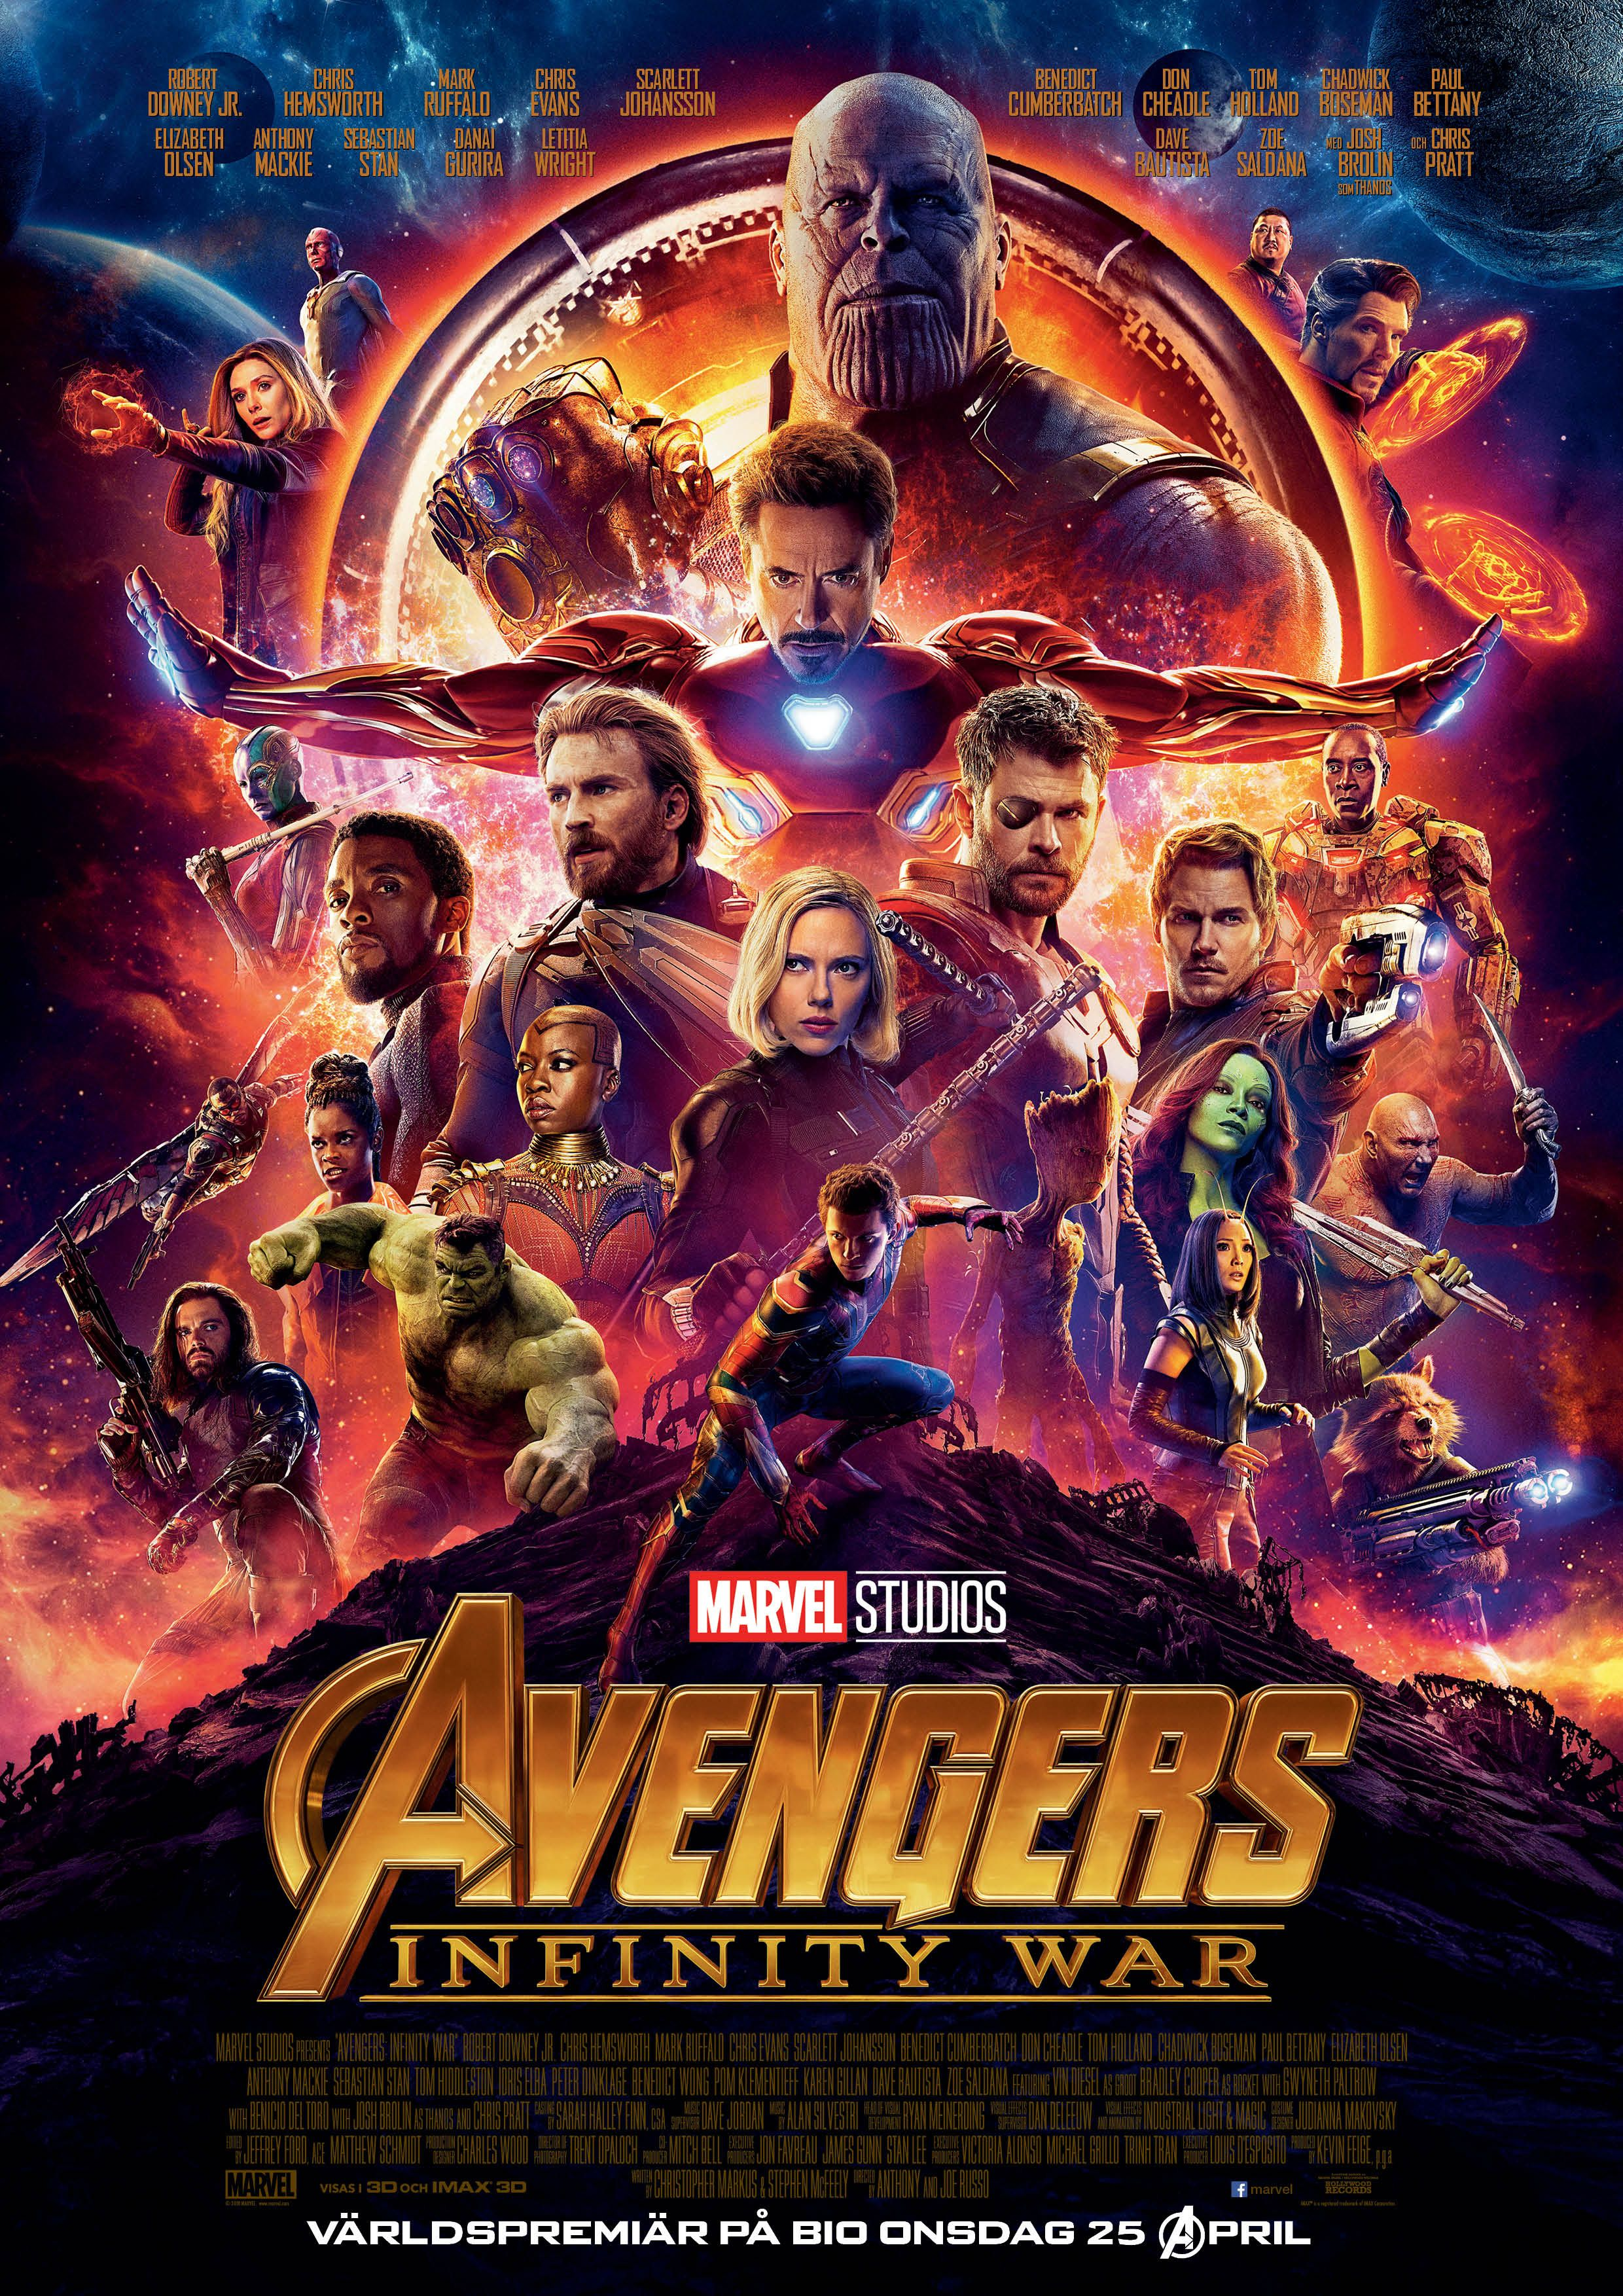 Avengers Infinity War c'est spectaculaire, ça pète de